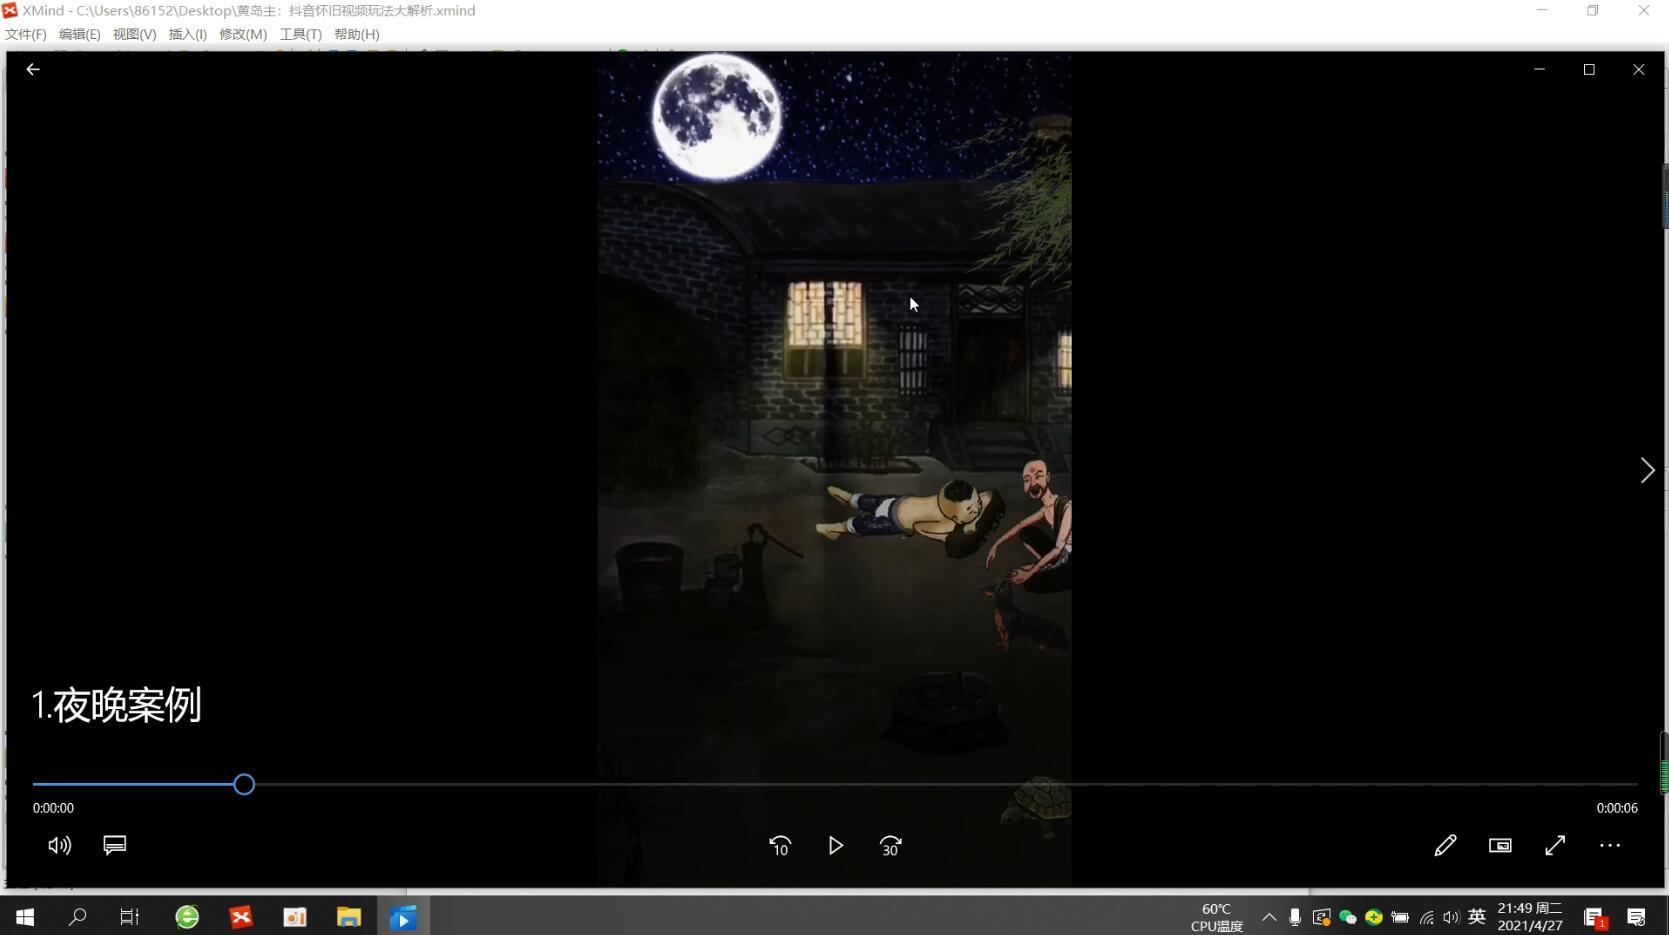 黄岛主·抖音超清怀旧视频热门玩法+变现模式大解析【无水印】插图(2)